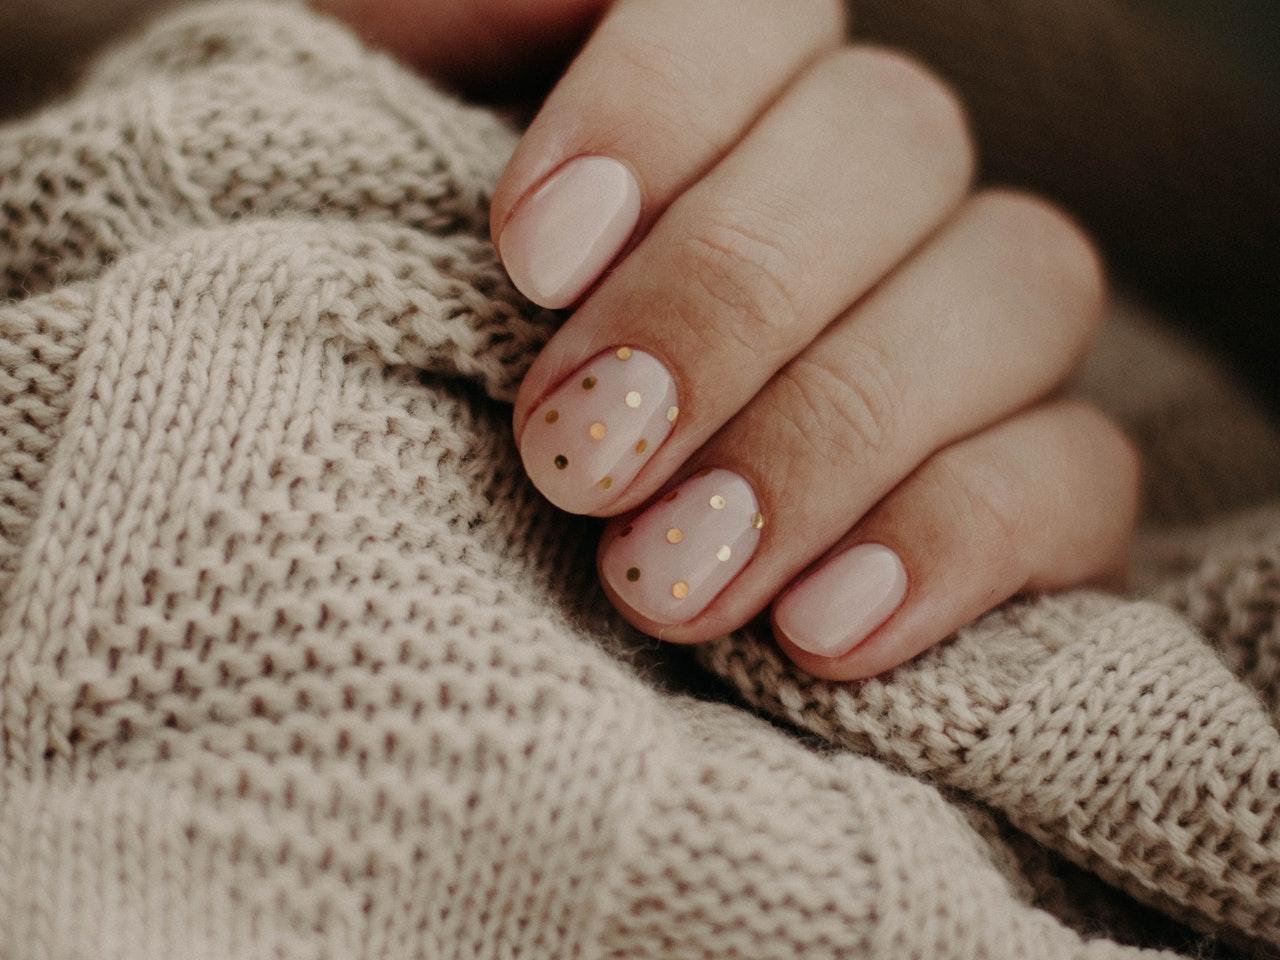 おすすめの爪切りを紹介。爪切りの種類から正しい爪切りの方法まで